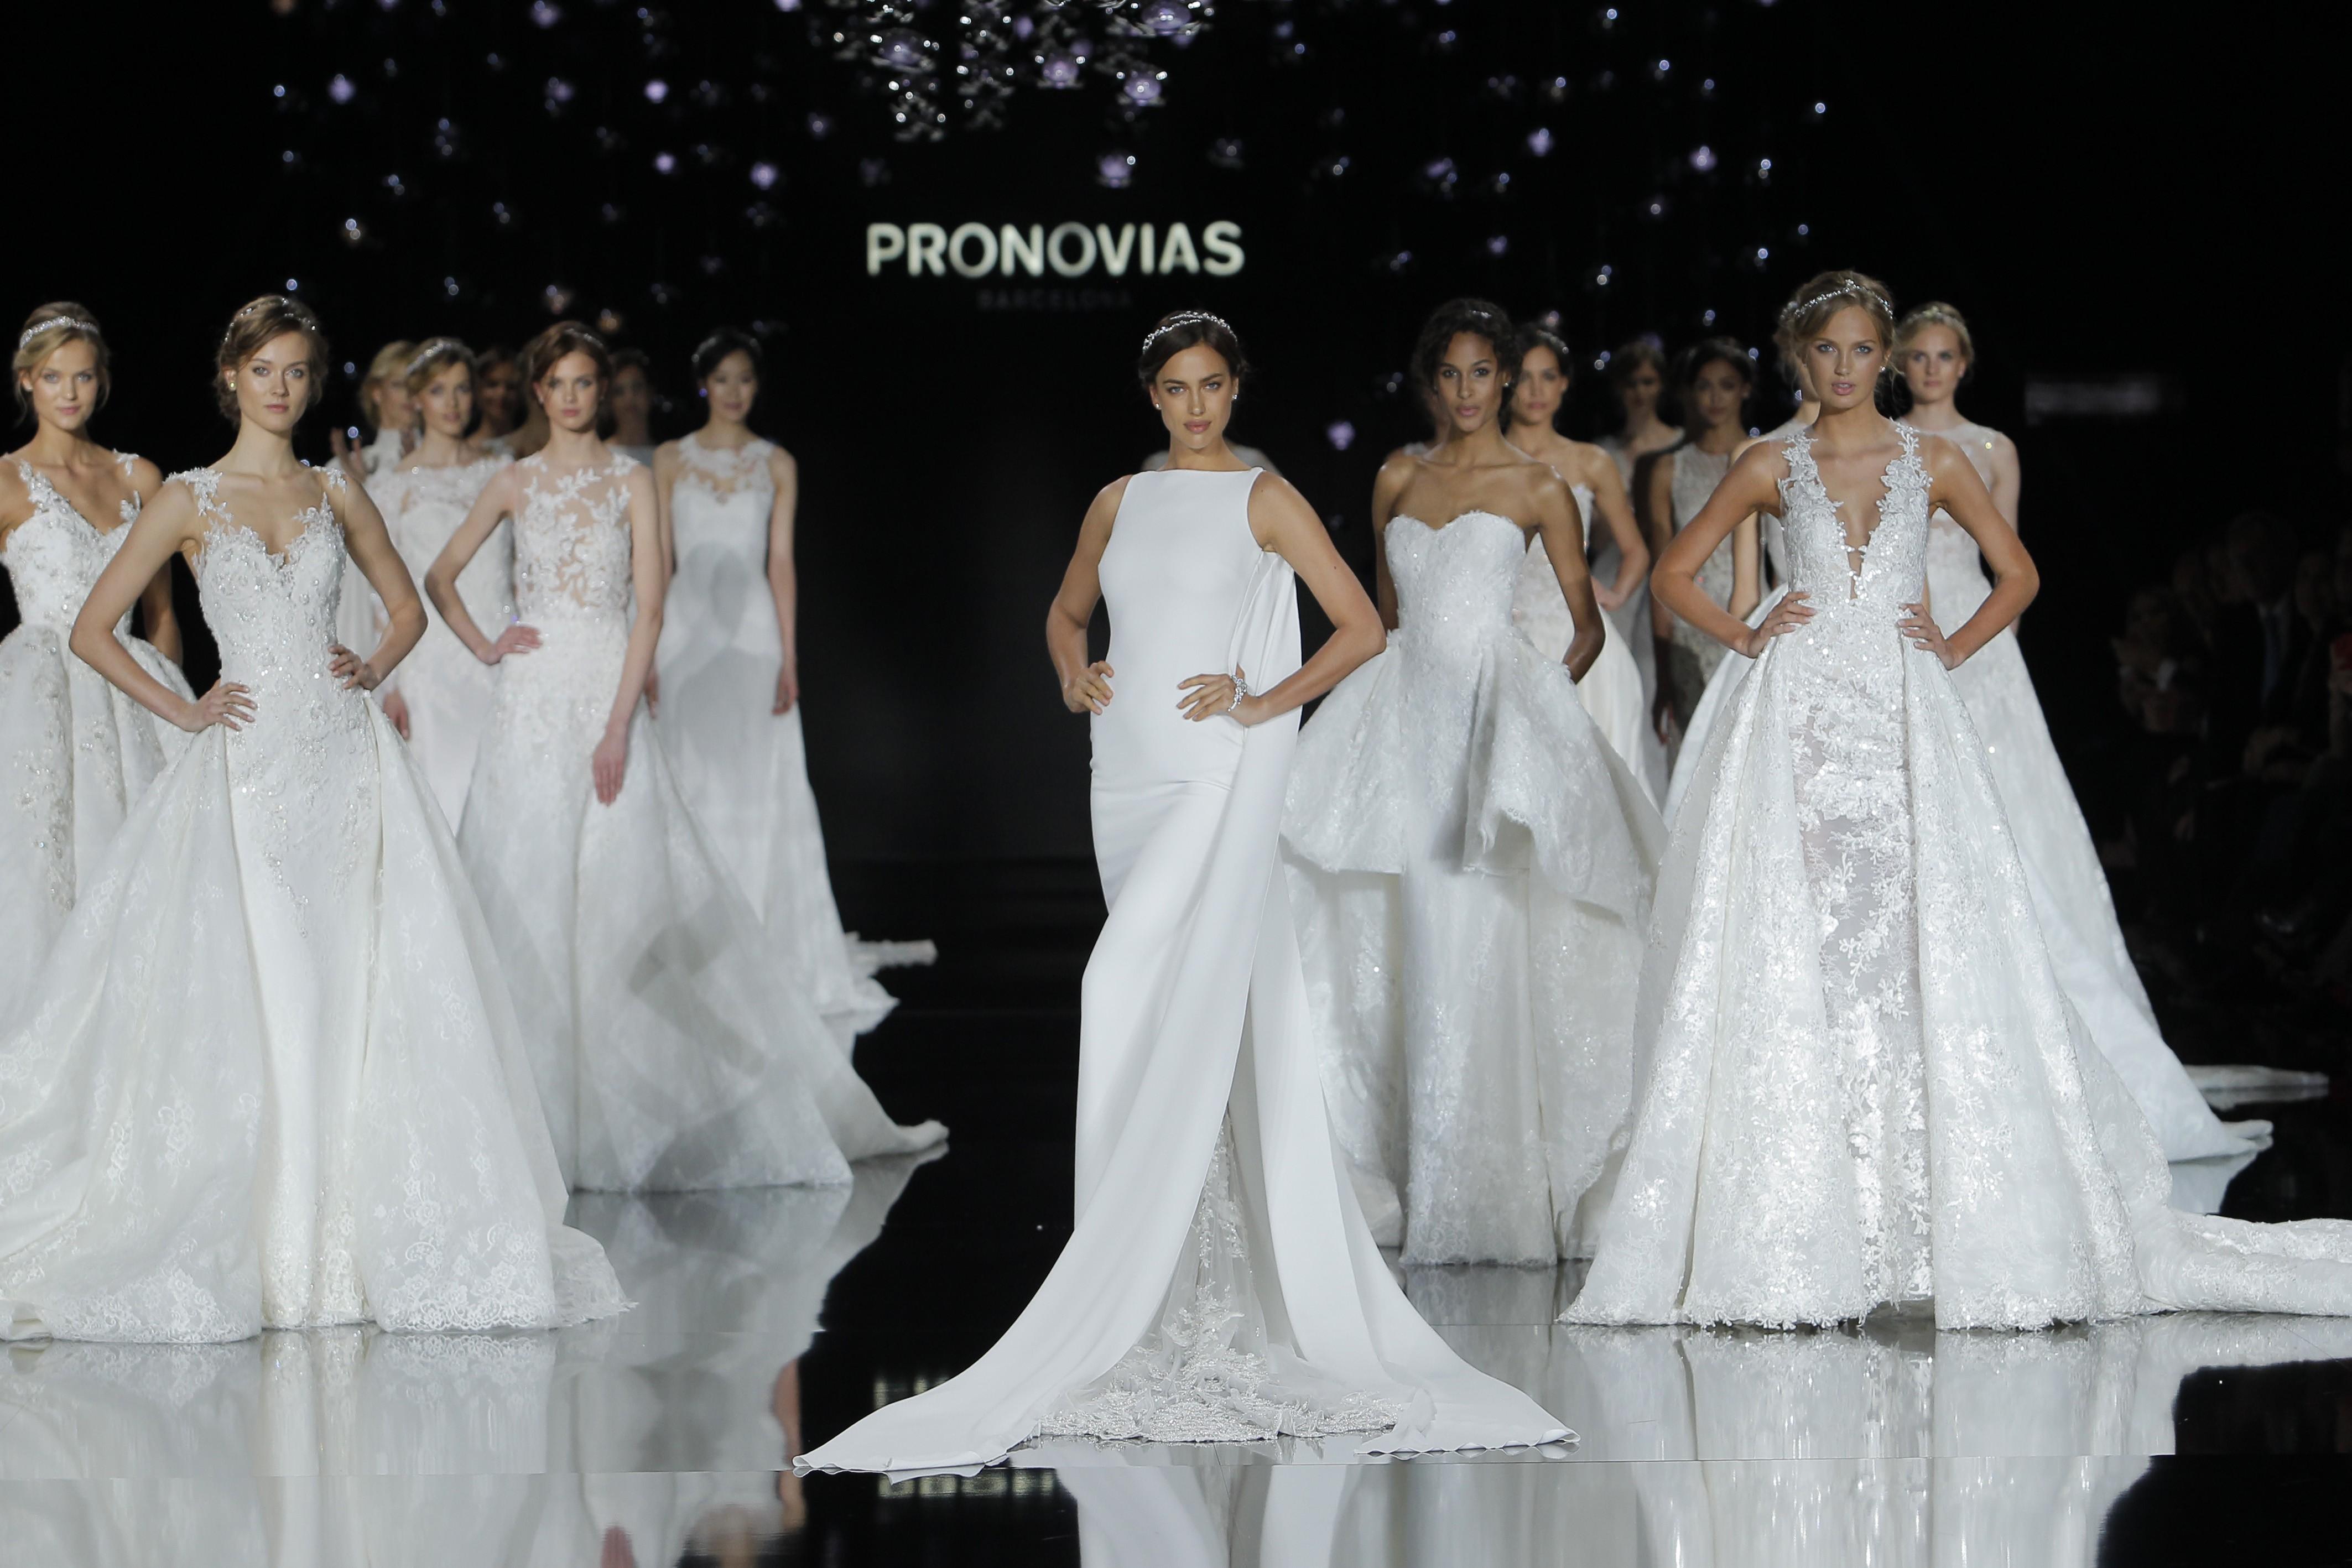 Pronovias Runway Show From Barcelona Bridal Week 2018: La Collezione Atelier Pronovias 2017 E La Super Sexy Irina